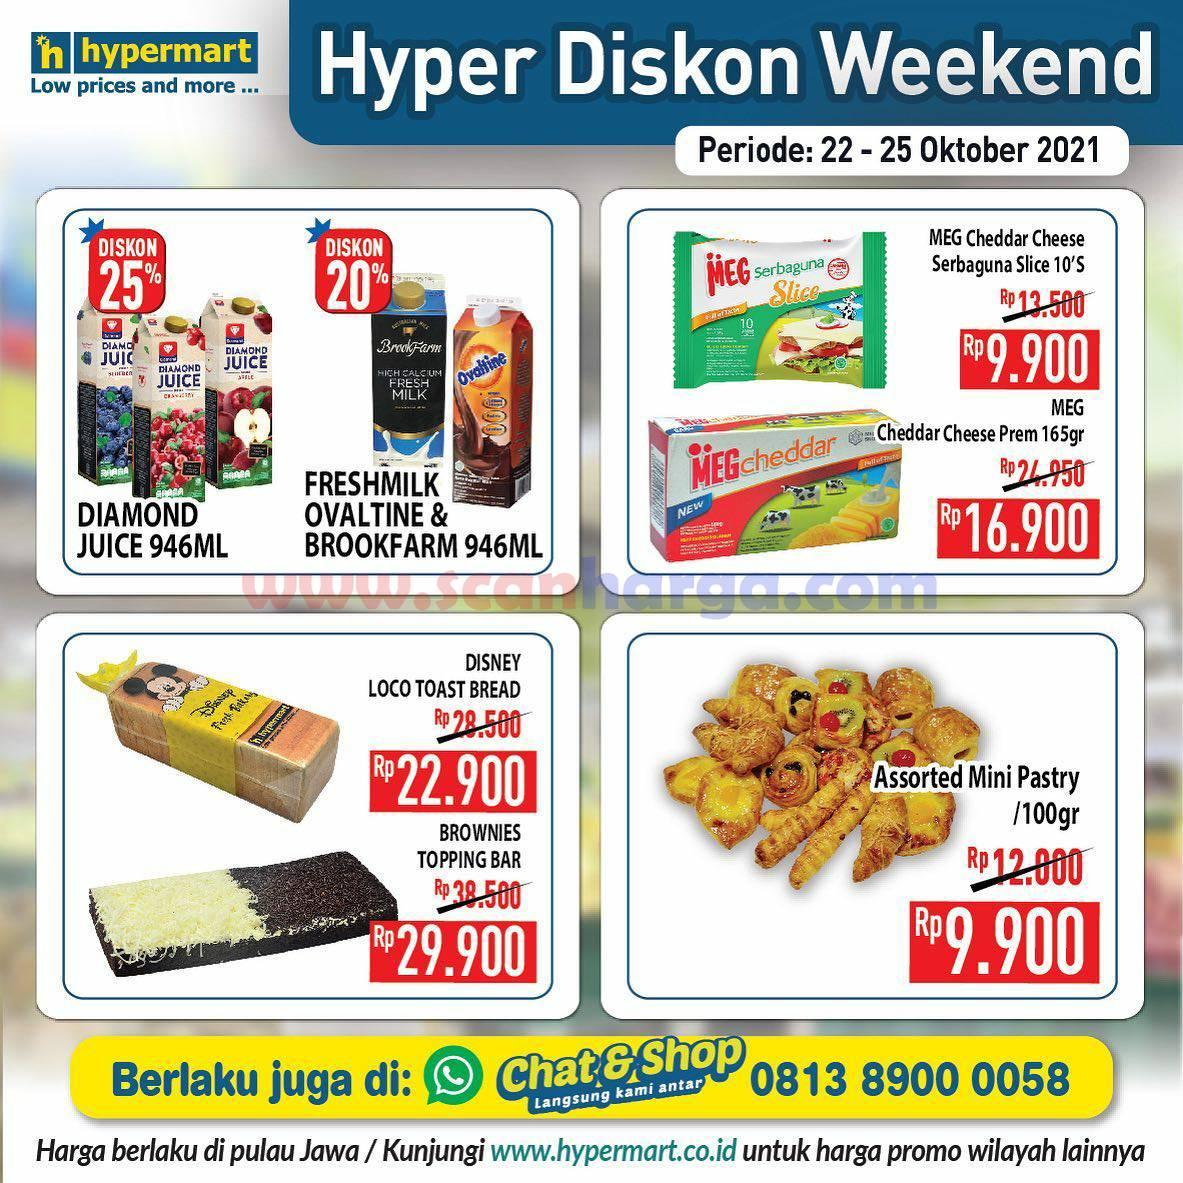 Promo Hypermart Weekend Terbaru 22 - 25 Oktober 2021 4